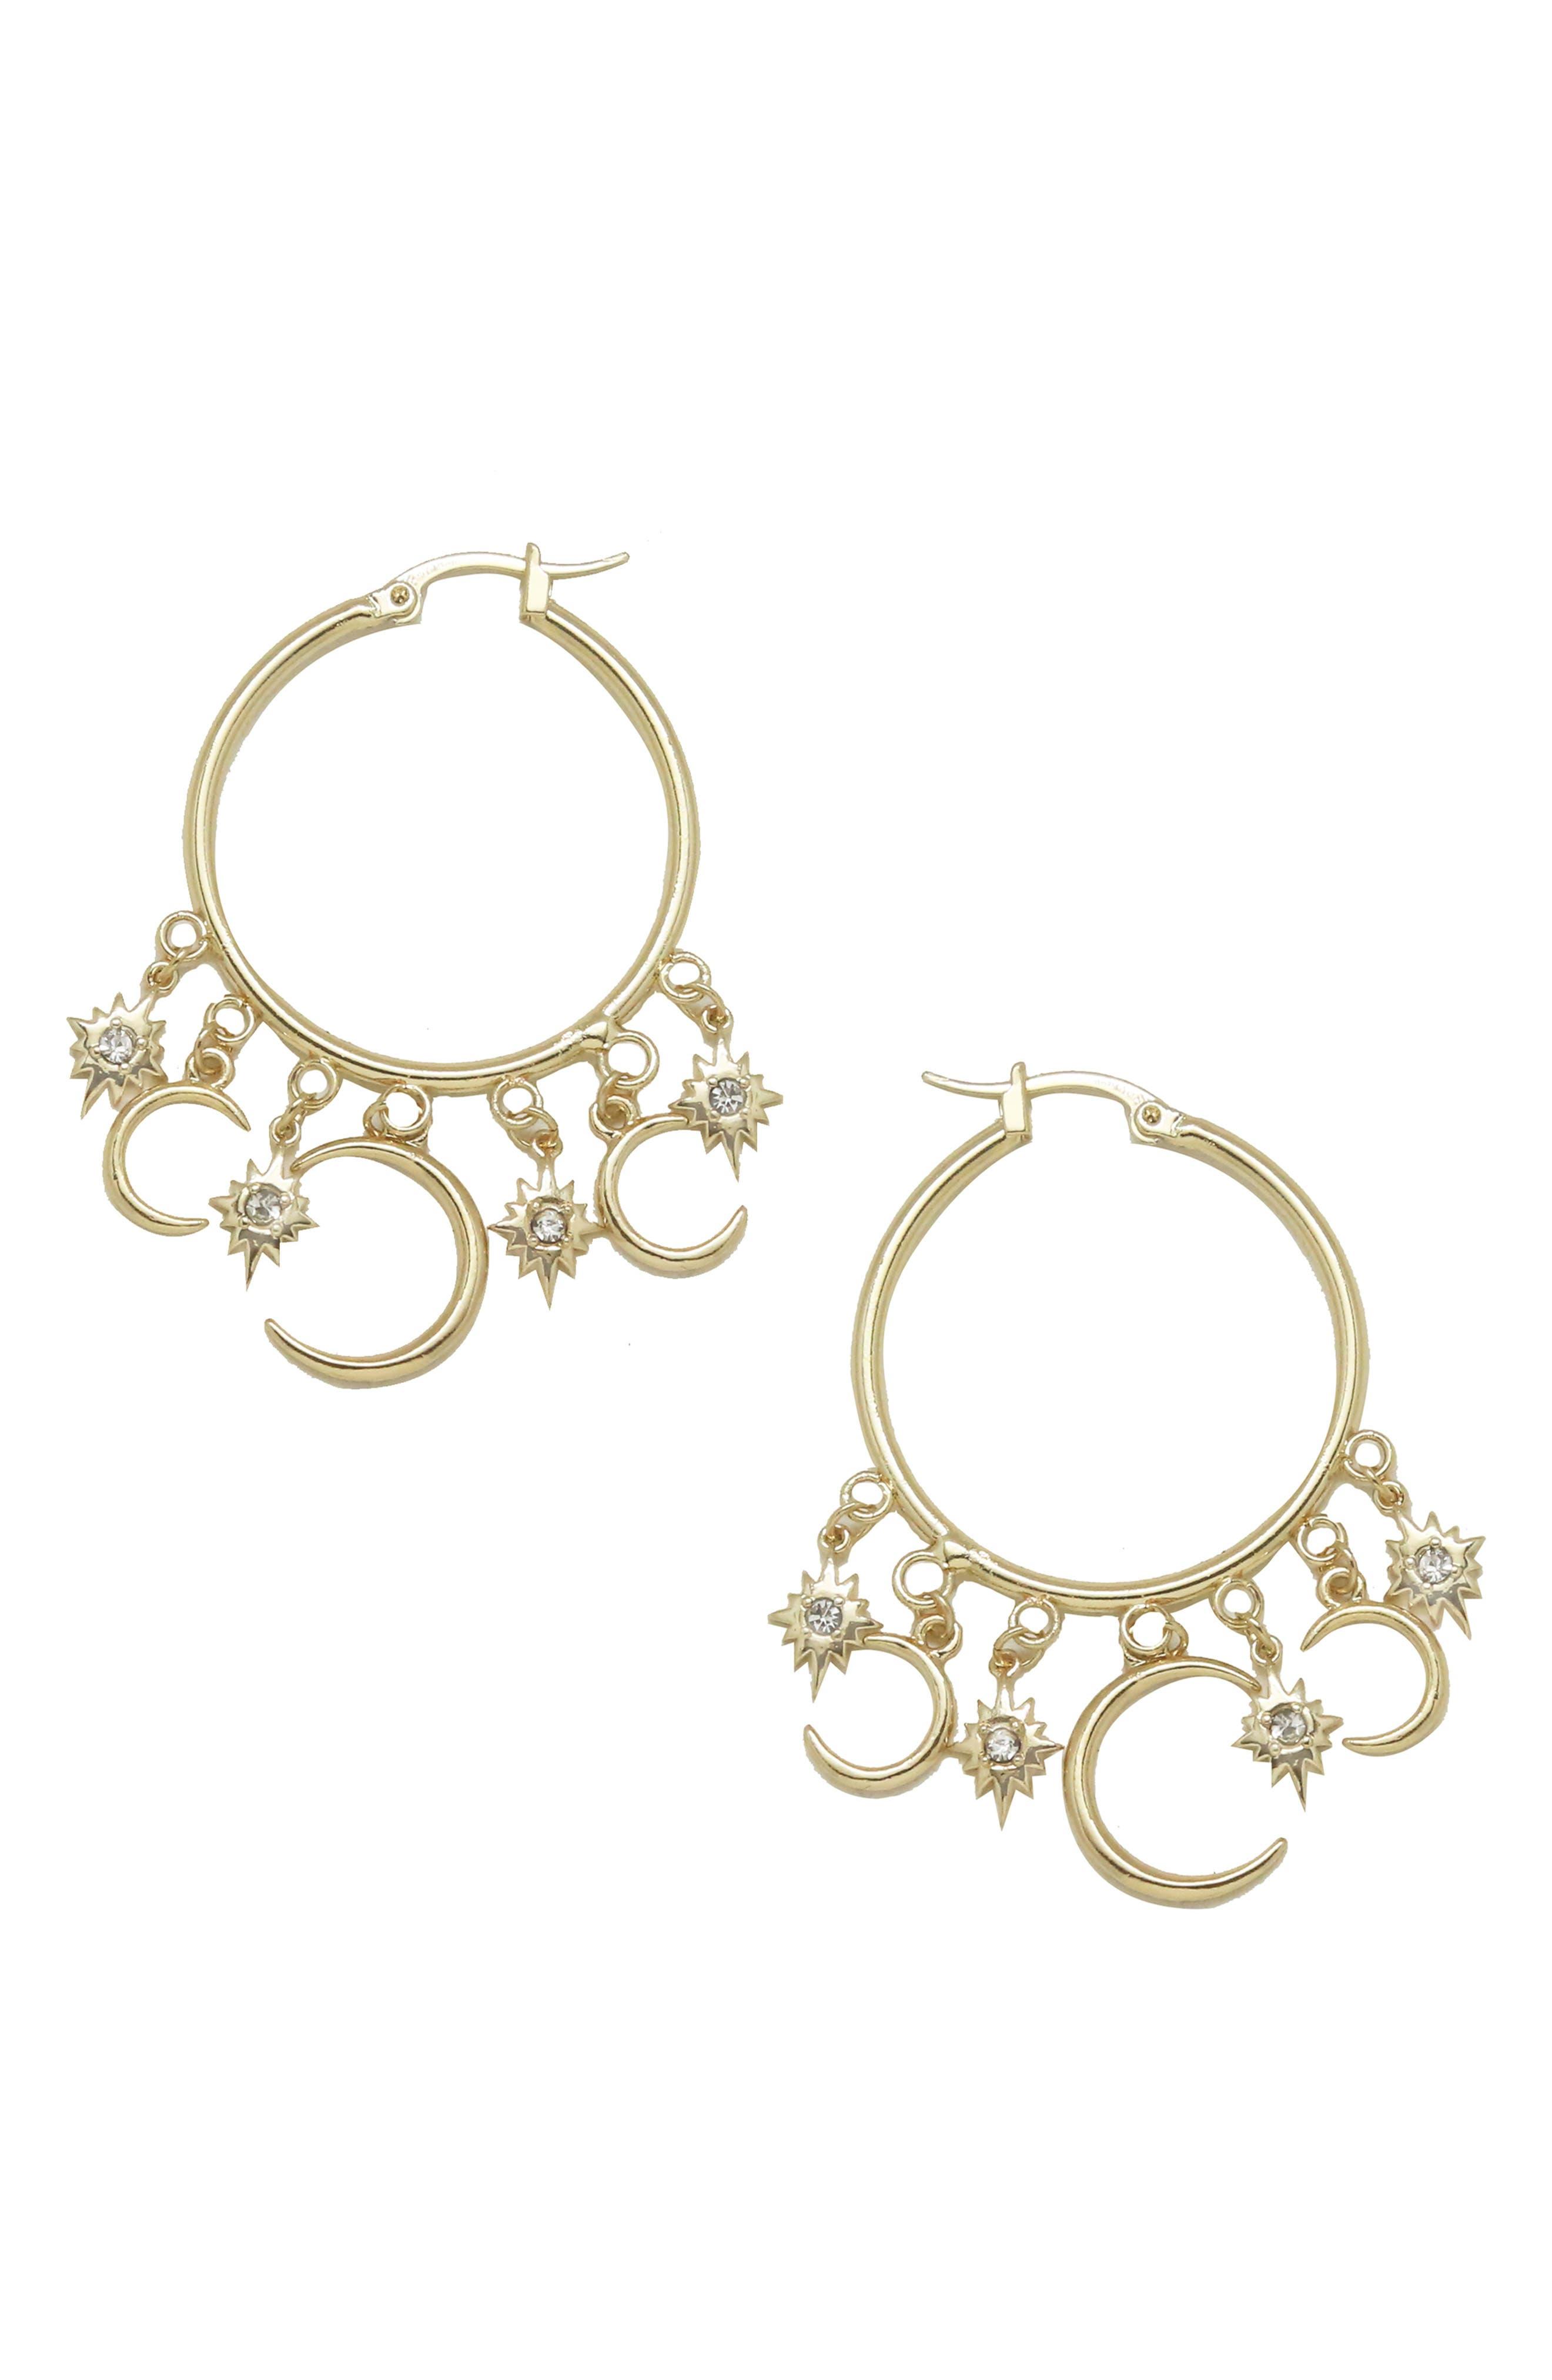 ETTIKA Moon Charm Hoop Earrings in Gold